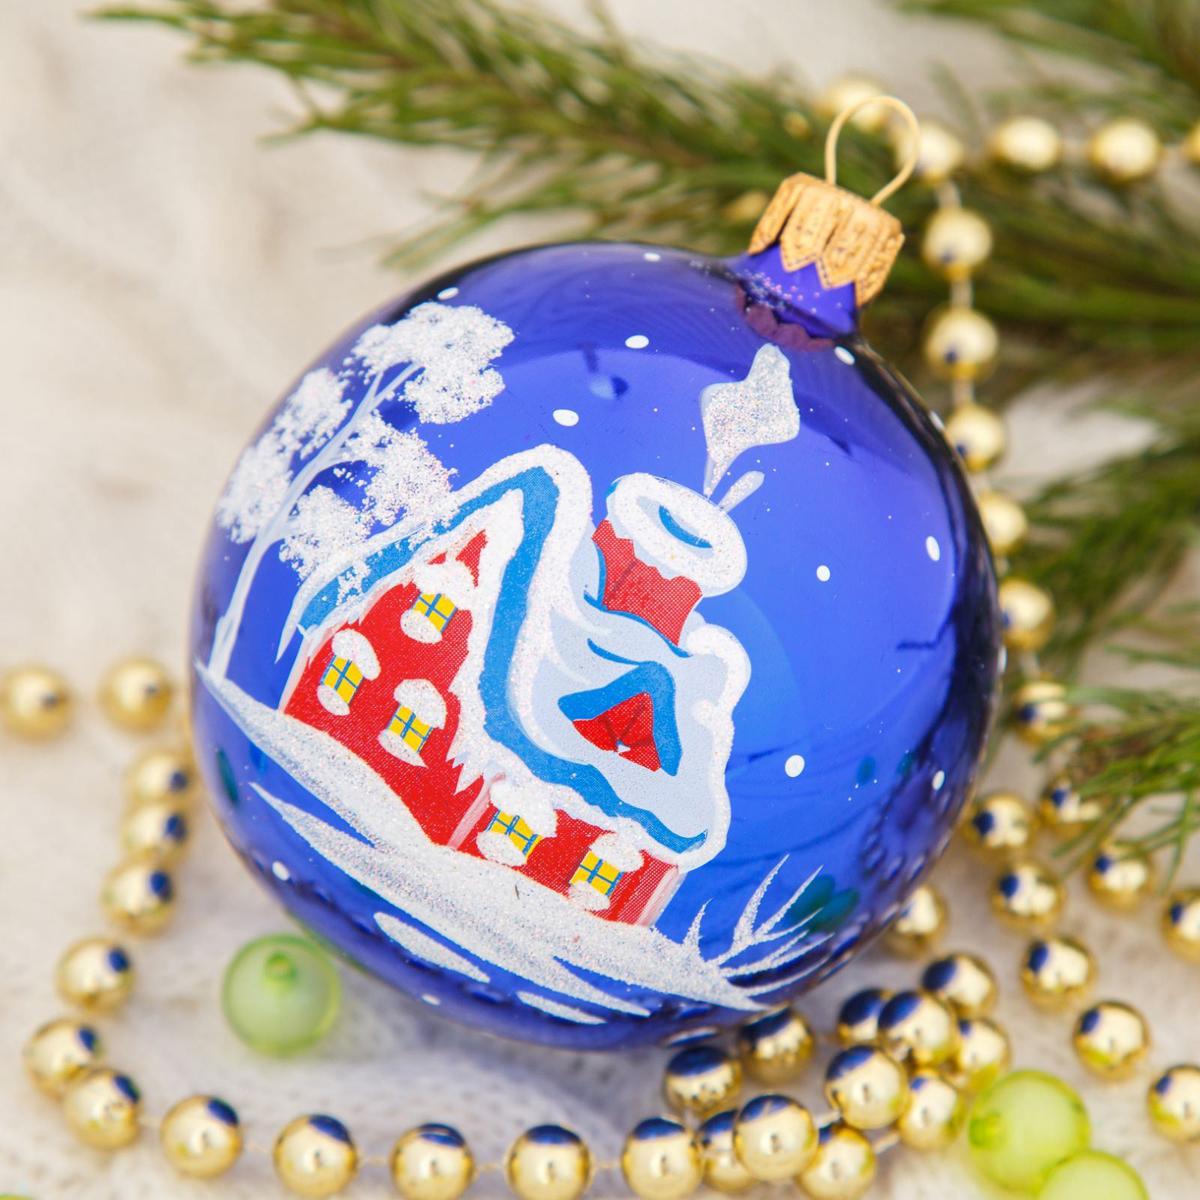 Украшение новогоднее елочное Ёлочка Вьюга, диаметр 7,5 см2564834Невозможно представить нашу жизнь без праздников! Мы всегда ждём их и предвкушаем, обдумываем, как проведём памятный день, тщательно выбираем подарки и аксессуары, ведь именно они создают и поддерживают торжественный настрой.